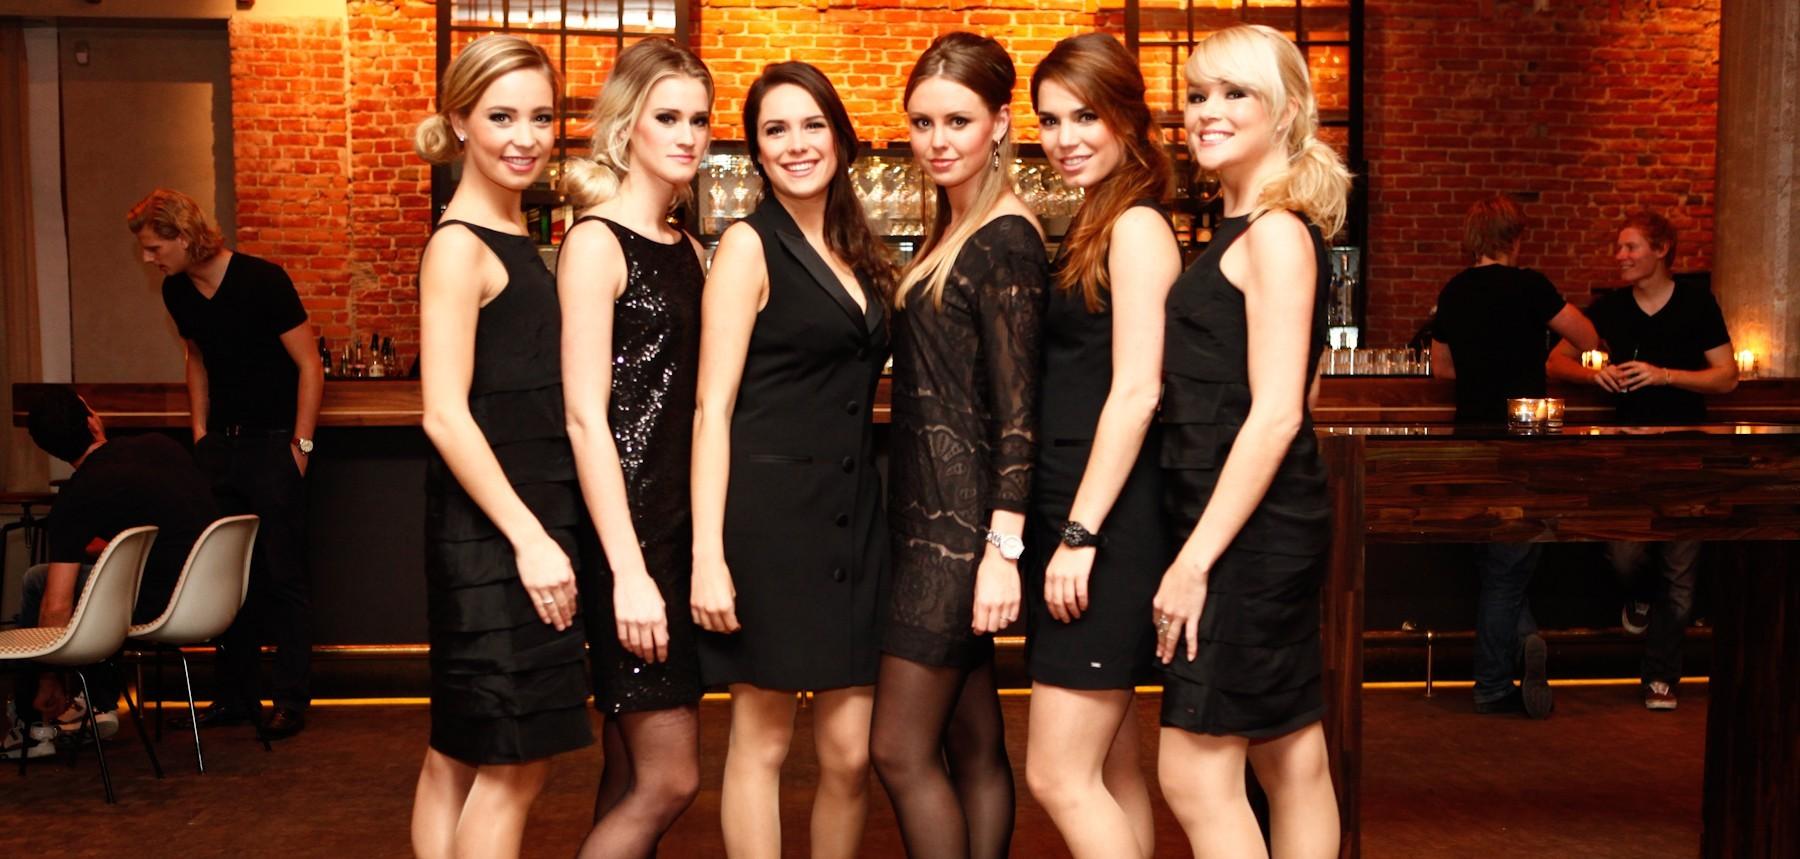 Le rôle d'une hotesse mannequin dans la promotion d'une marque